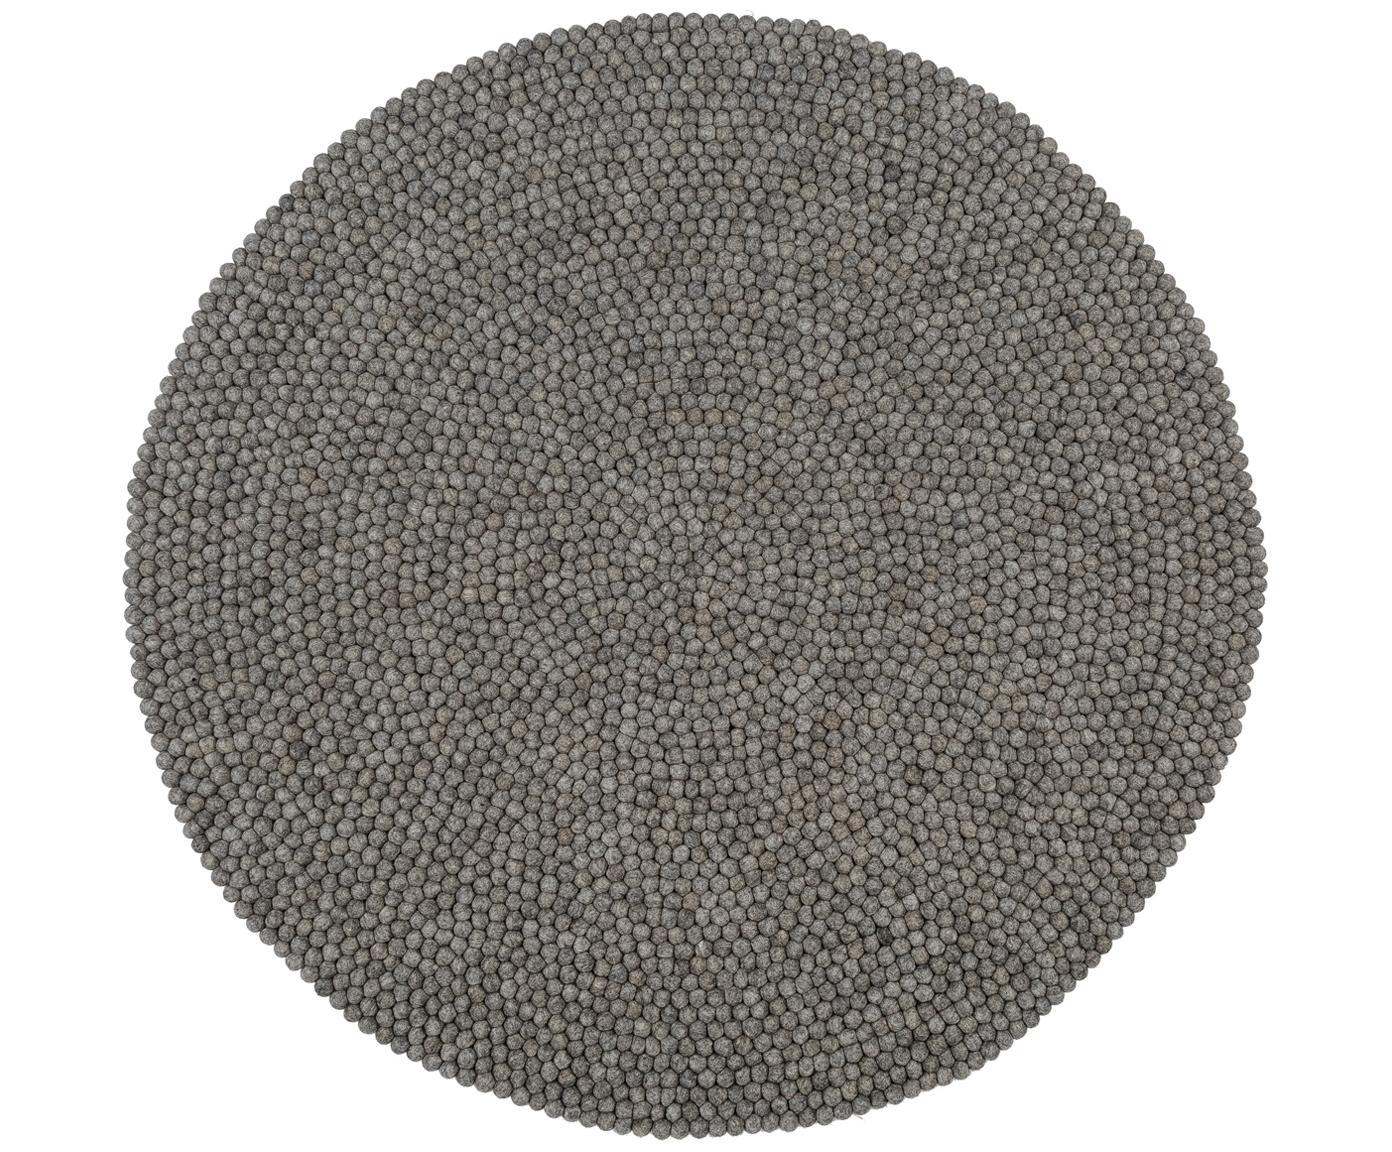 Alfombra artesanal de lana Dot, Gris acero, Ø 90 cm (Tamaño XS)